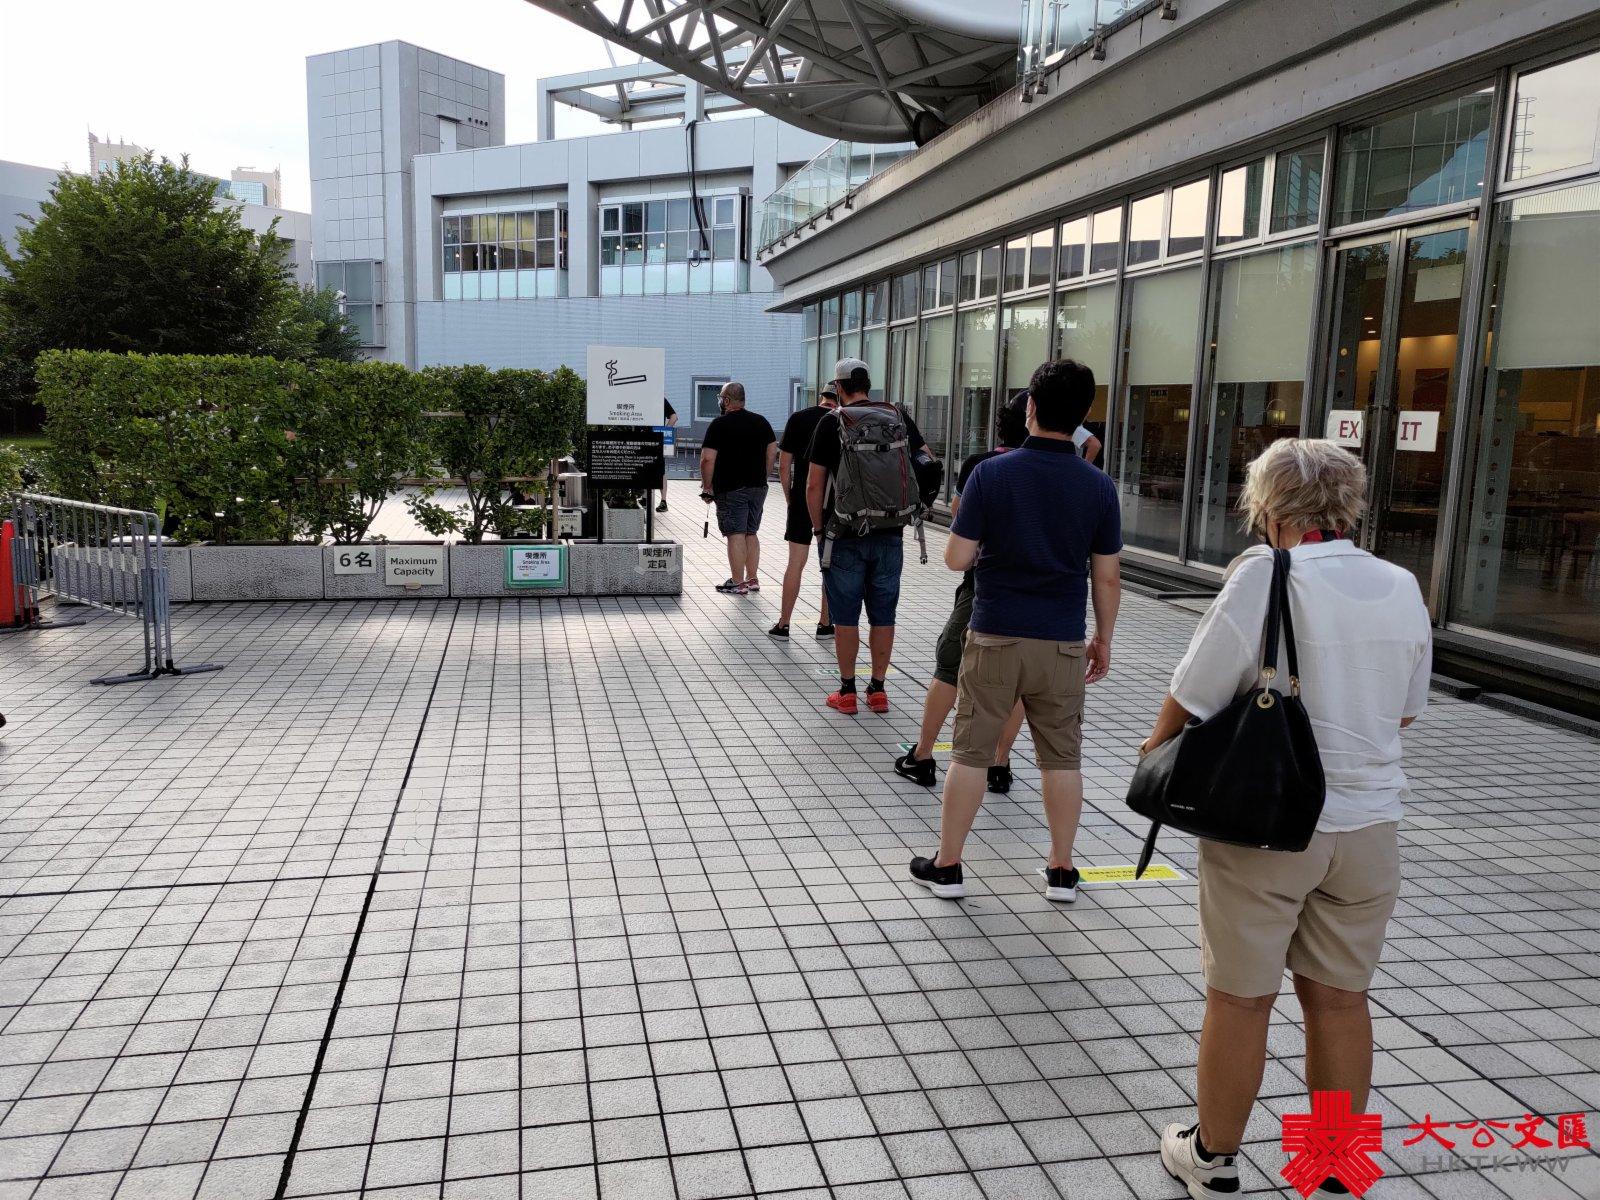 傳媒中心場館外設有專門吸煙區,長期有記者在外排隊。(大公報記者張銳 攝)